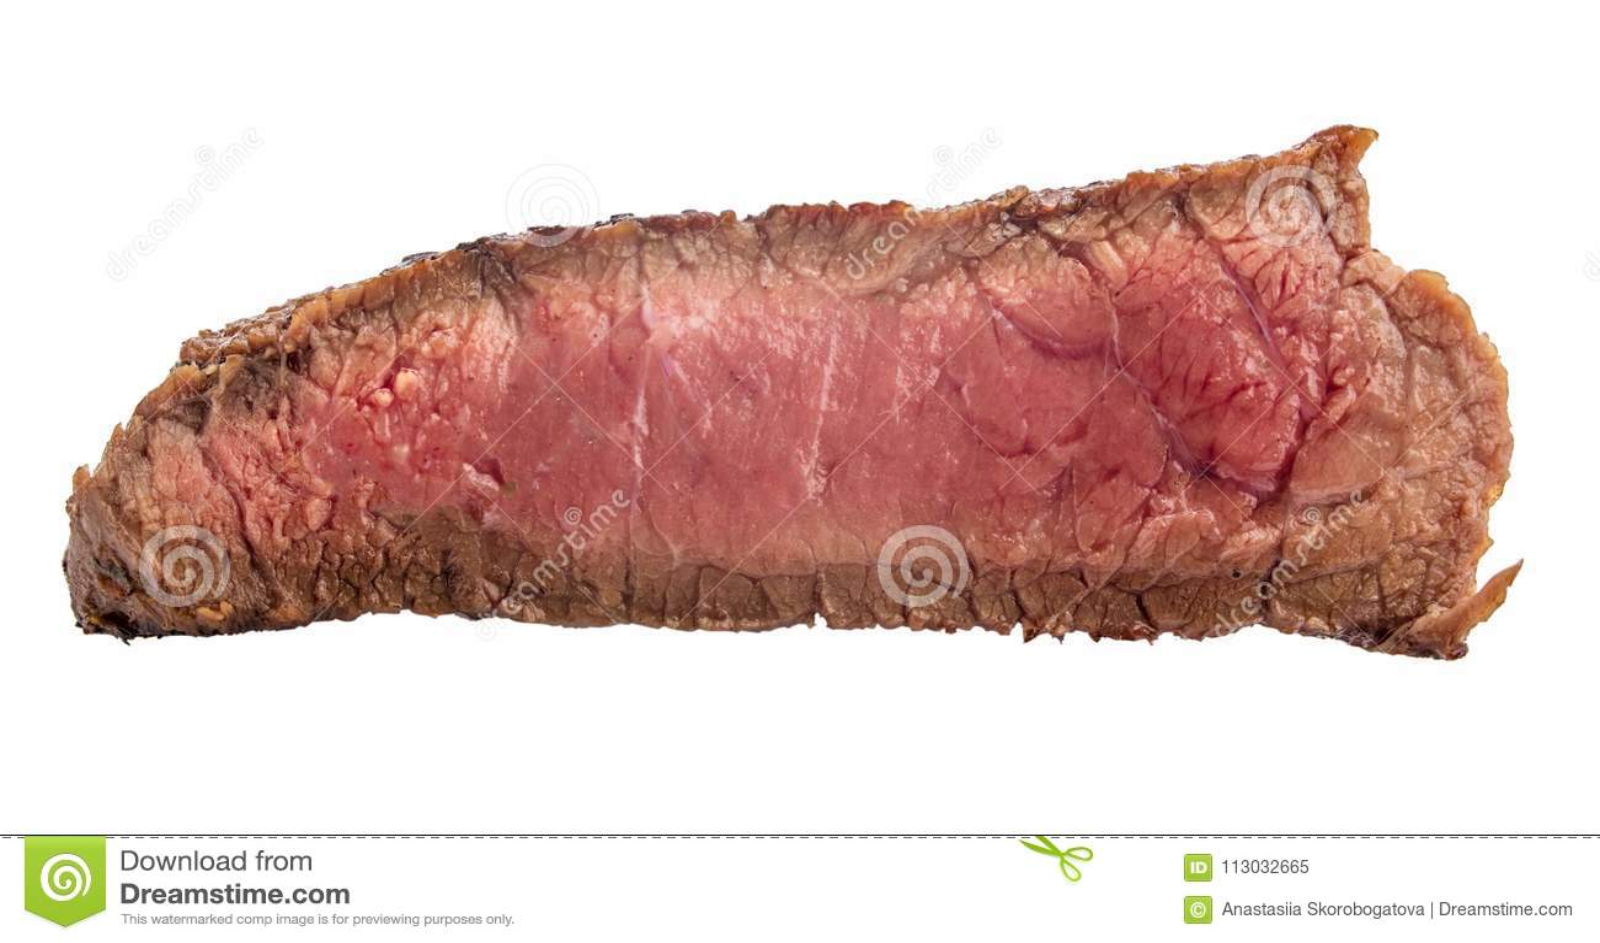 Filete de carne de vaca crudo, un pedazo de carne aislado en el fondo blanco